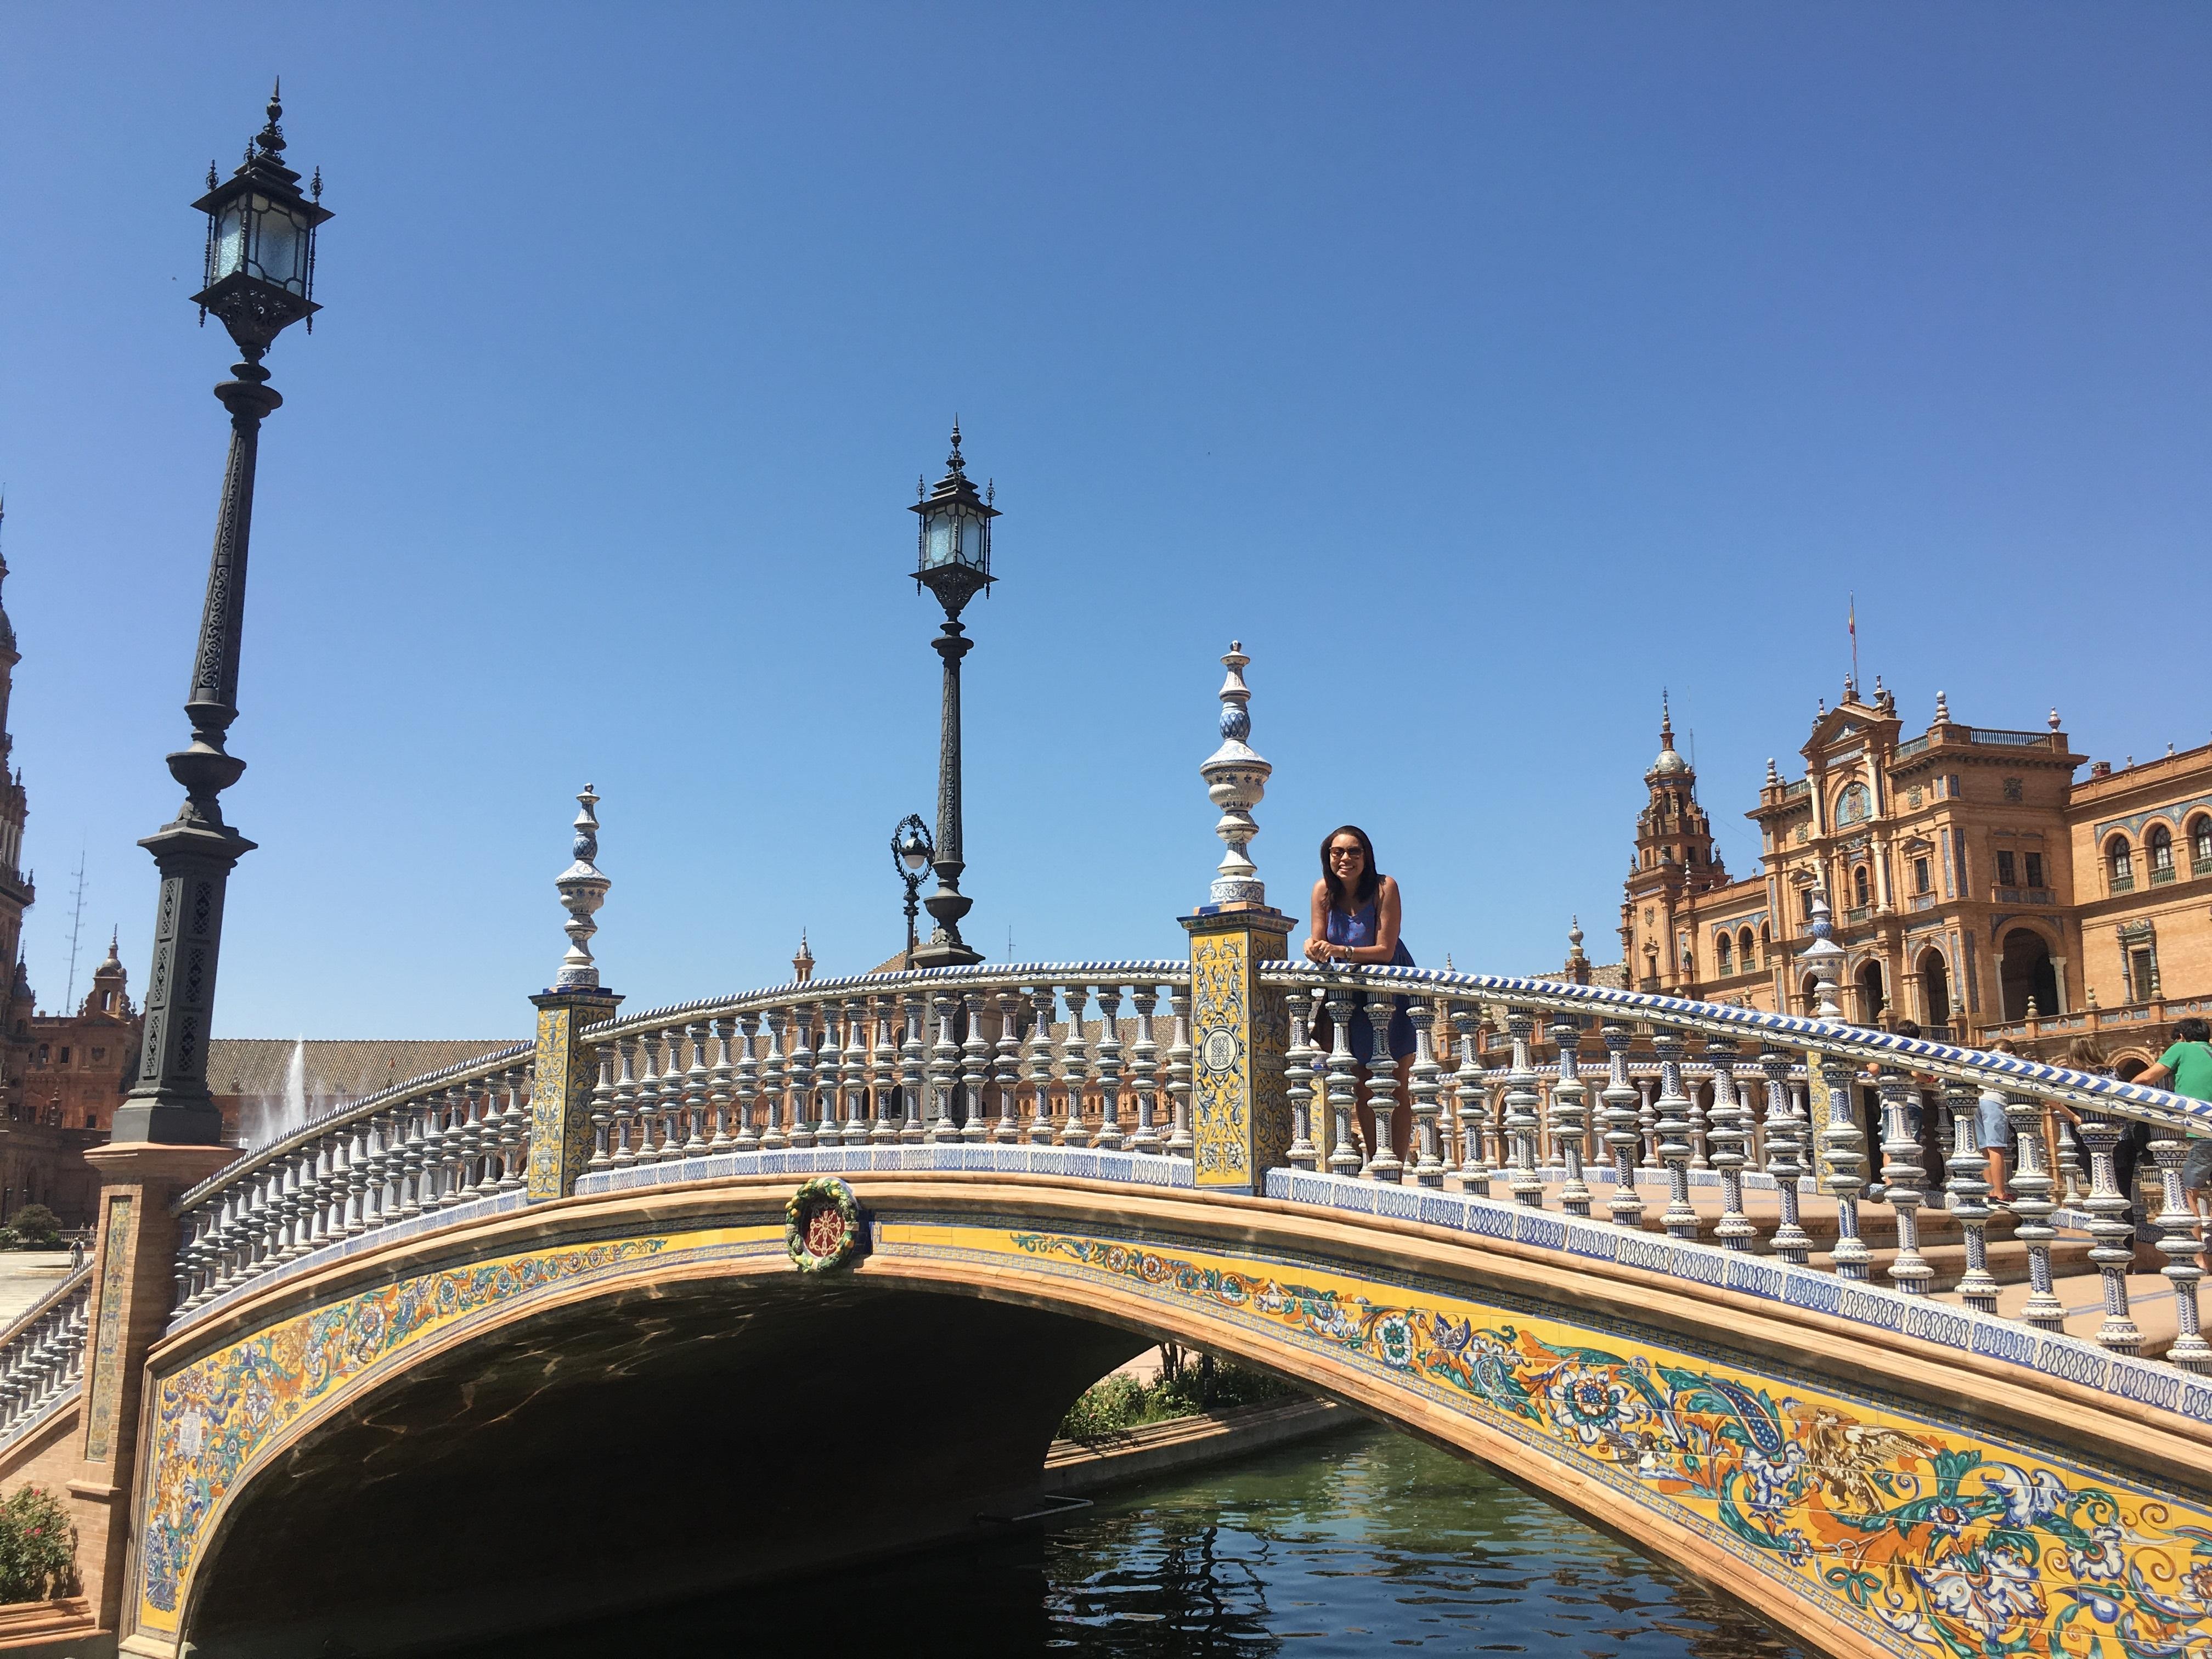 plaza de espana7